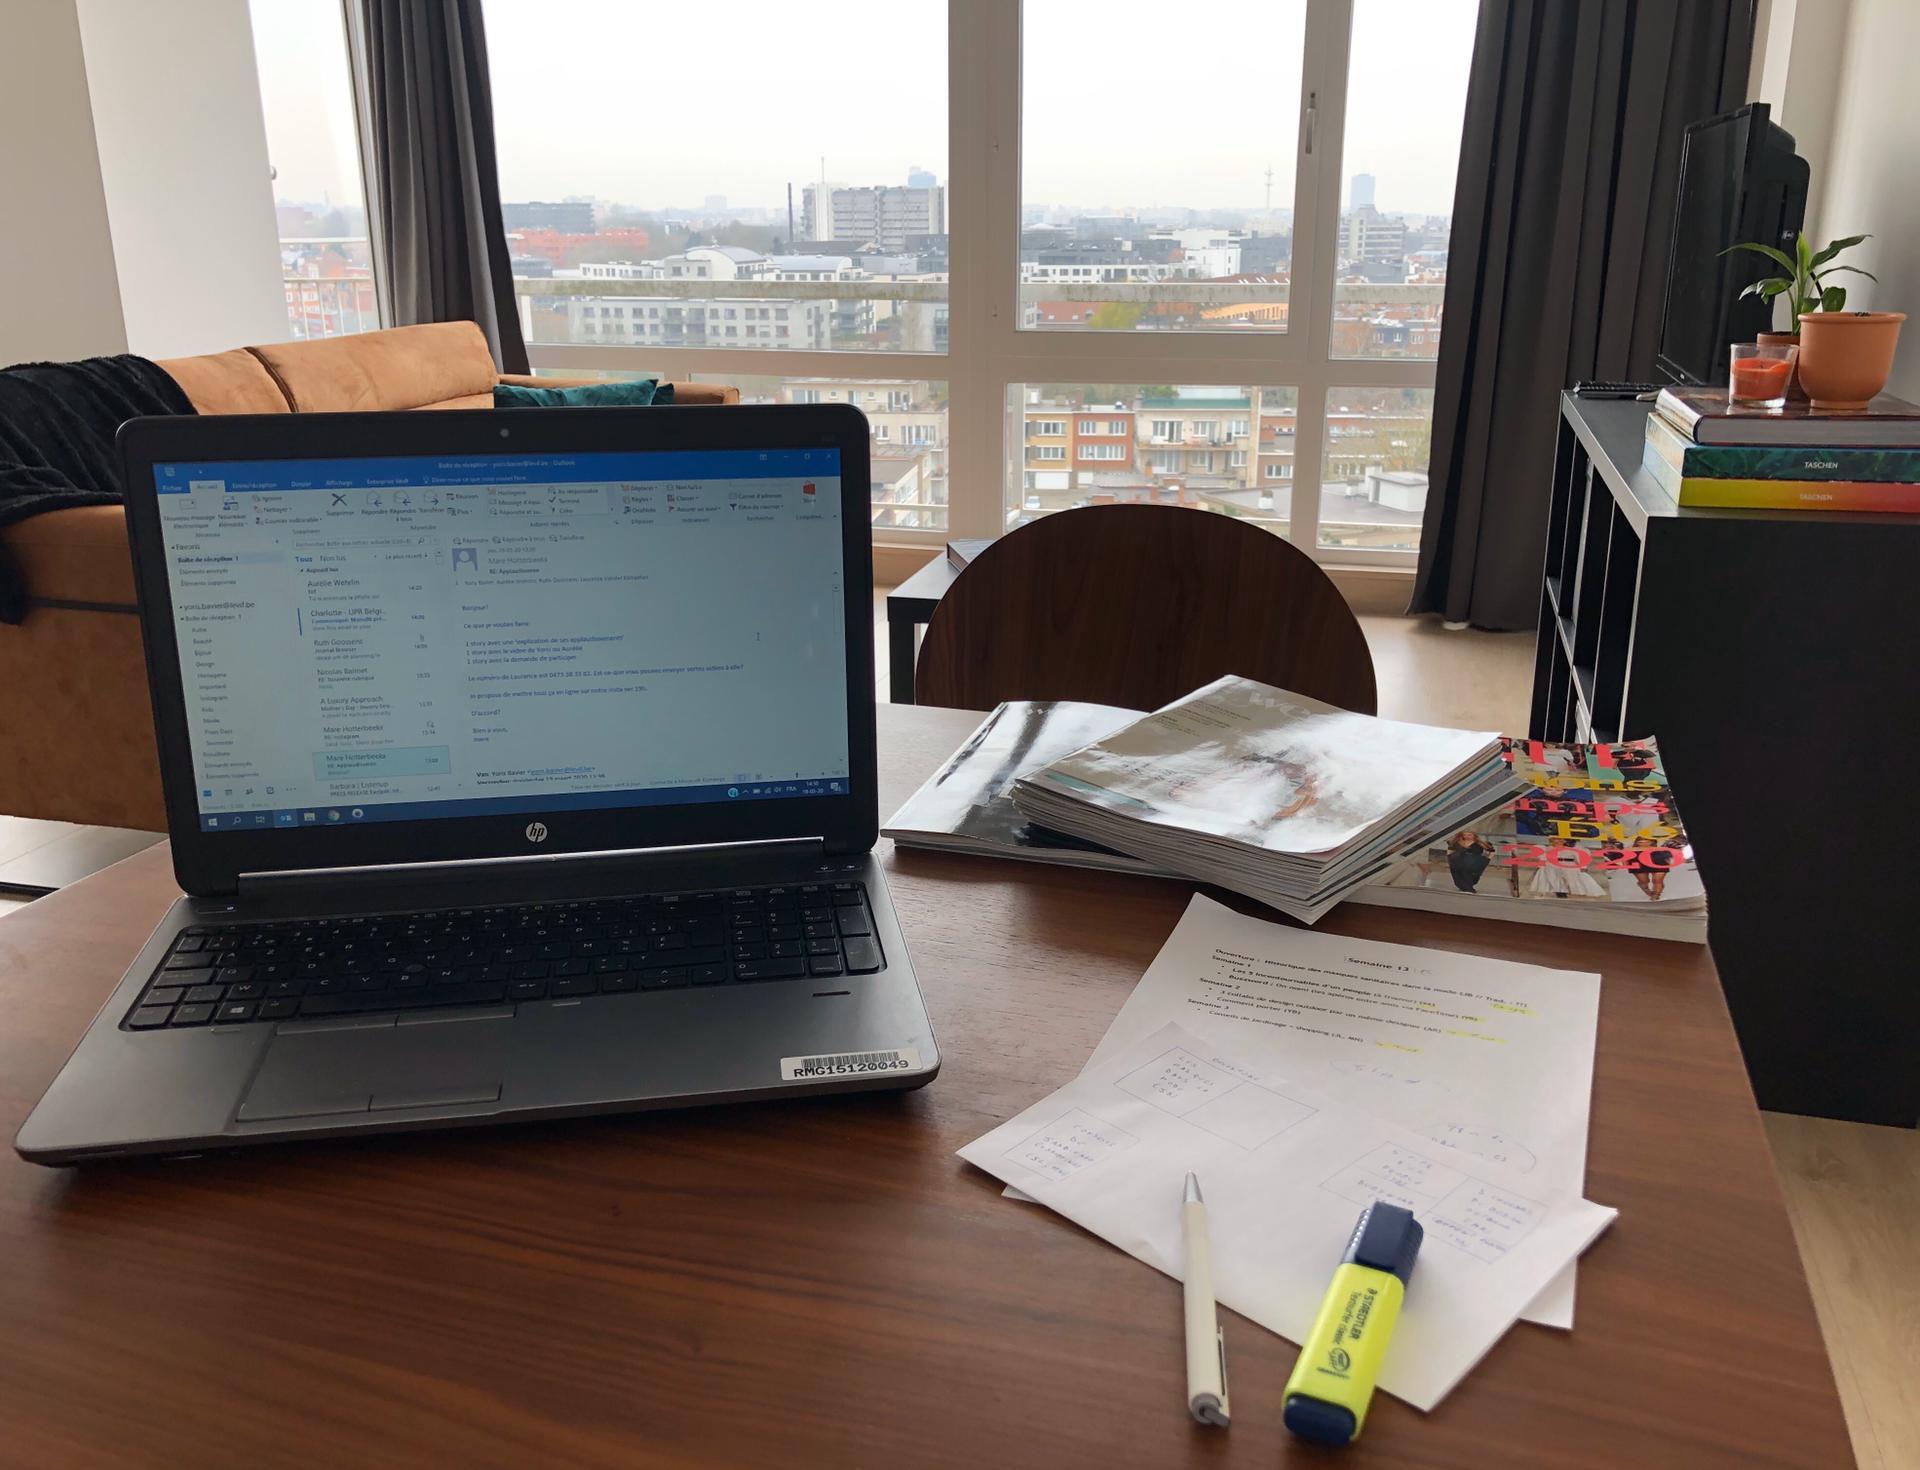 Bureau de Yoris, avec vue sur la ville, DR